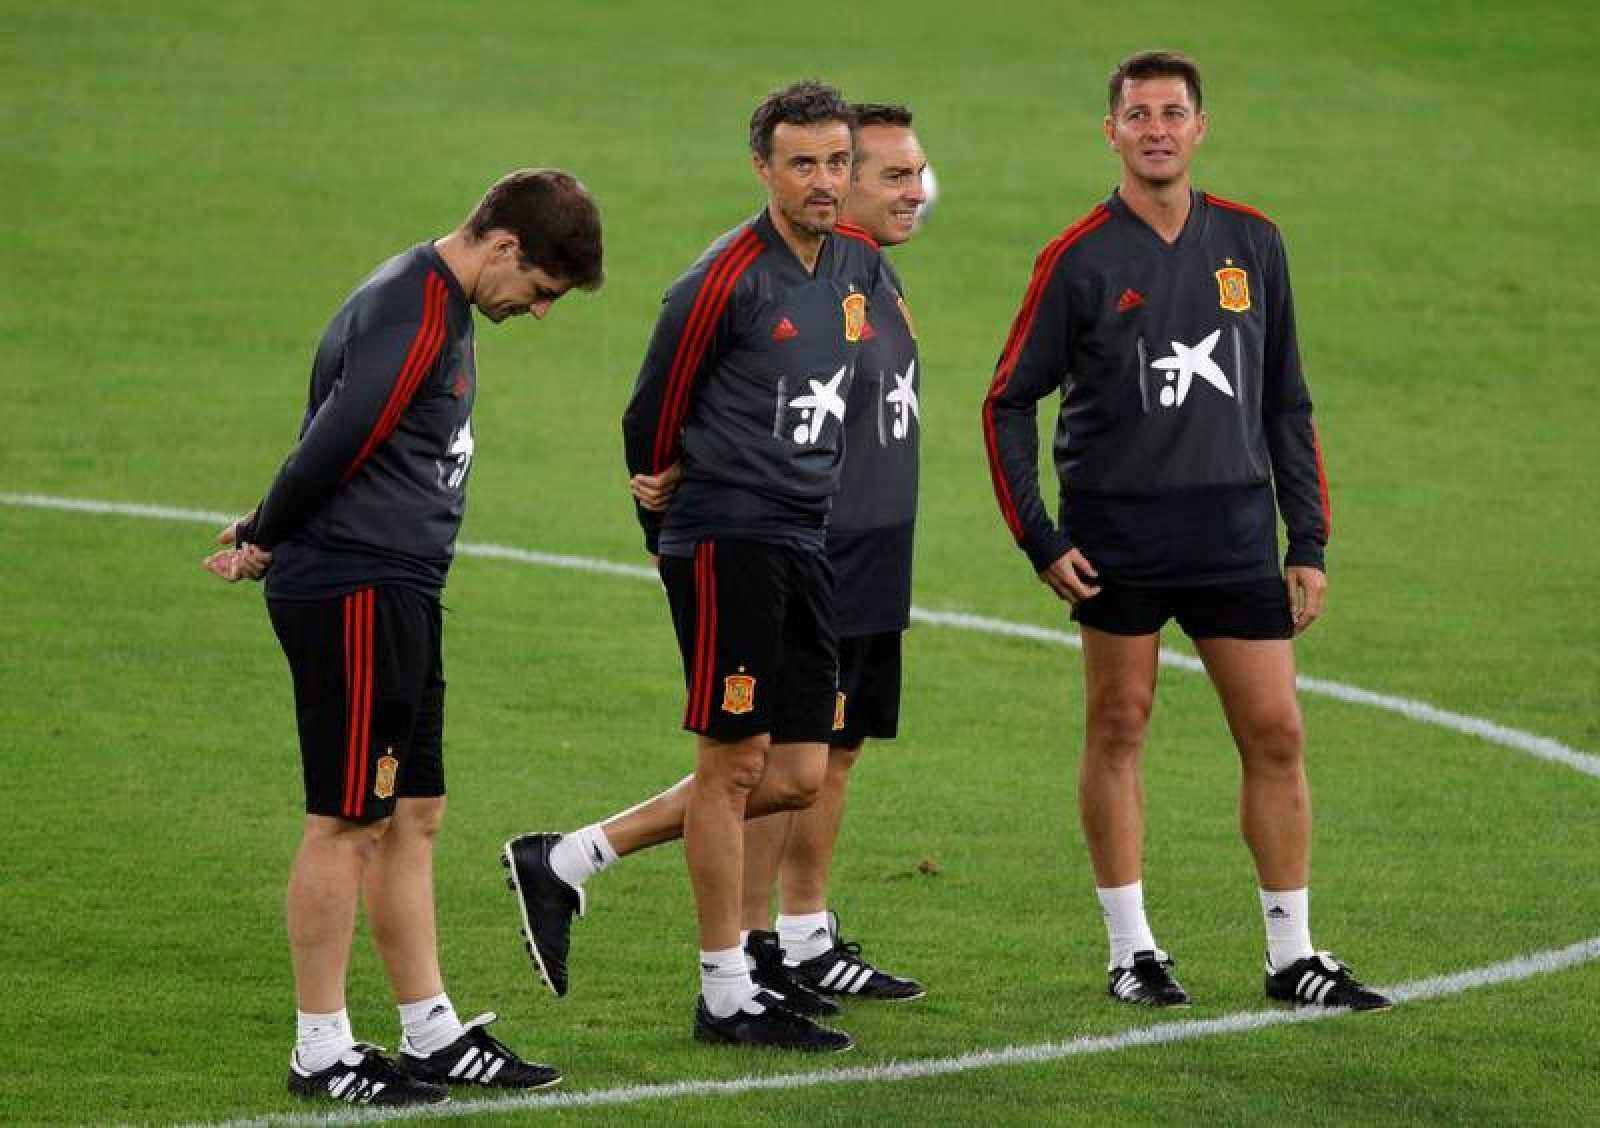 El entrenador de la selección española, Luis Enrique, y varios miembros del cuerpo técnico durante el entrenamiento.